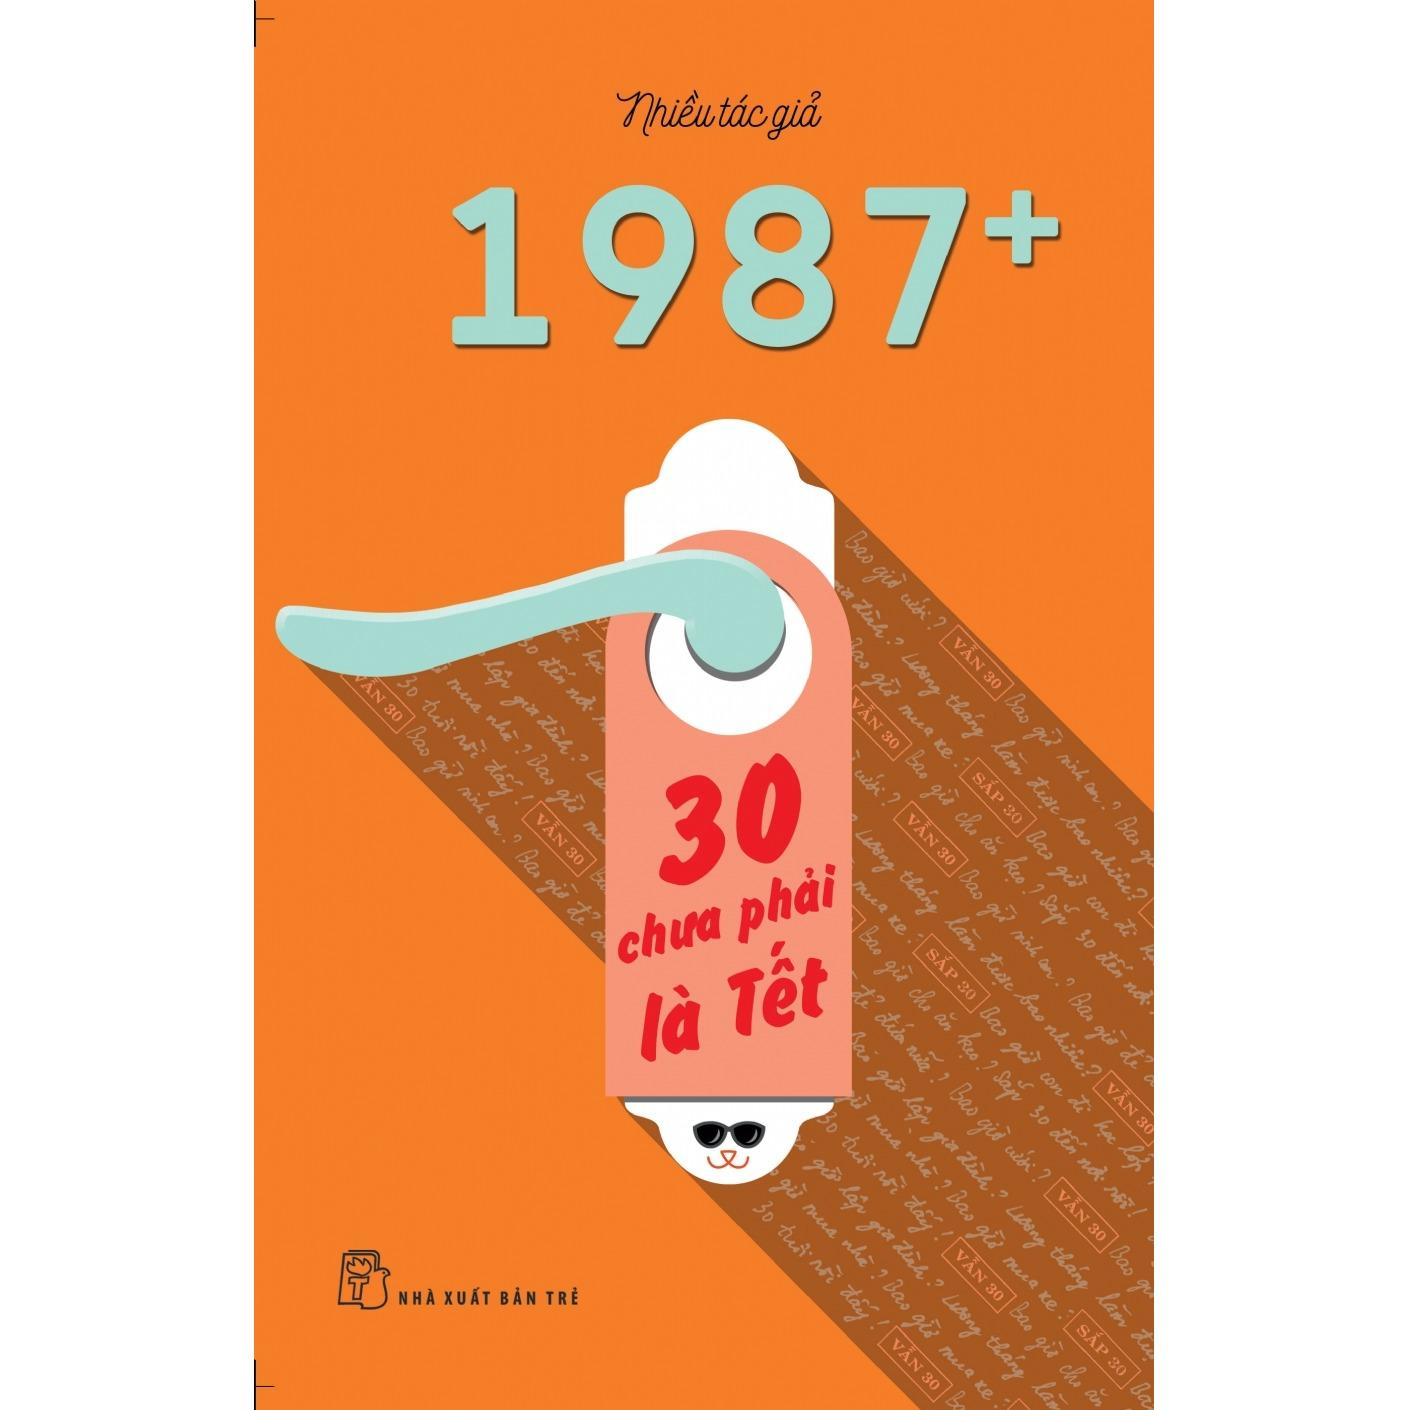 Mua 1987+: 30 chưa phải là tết